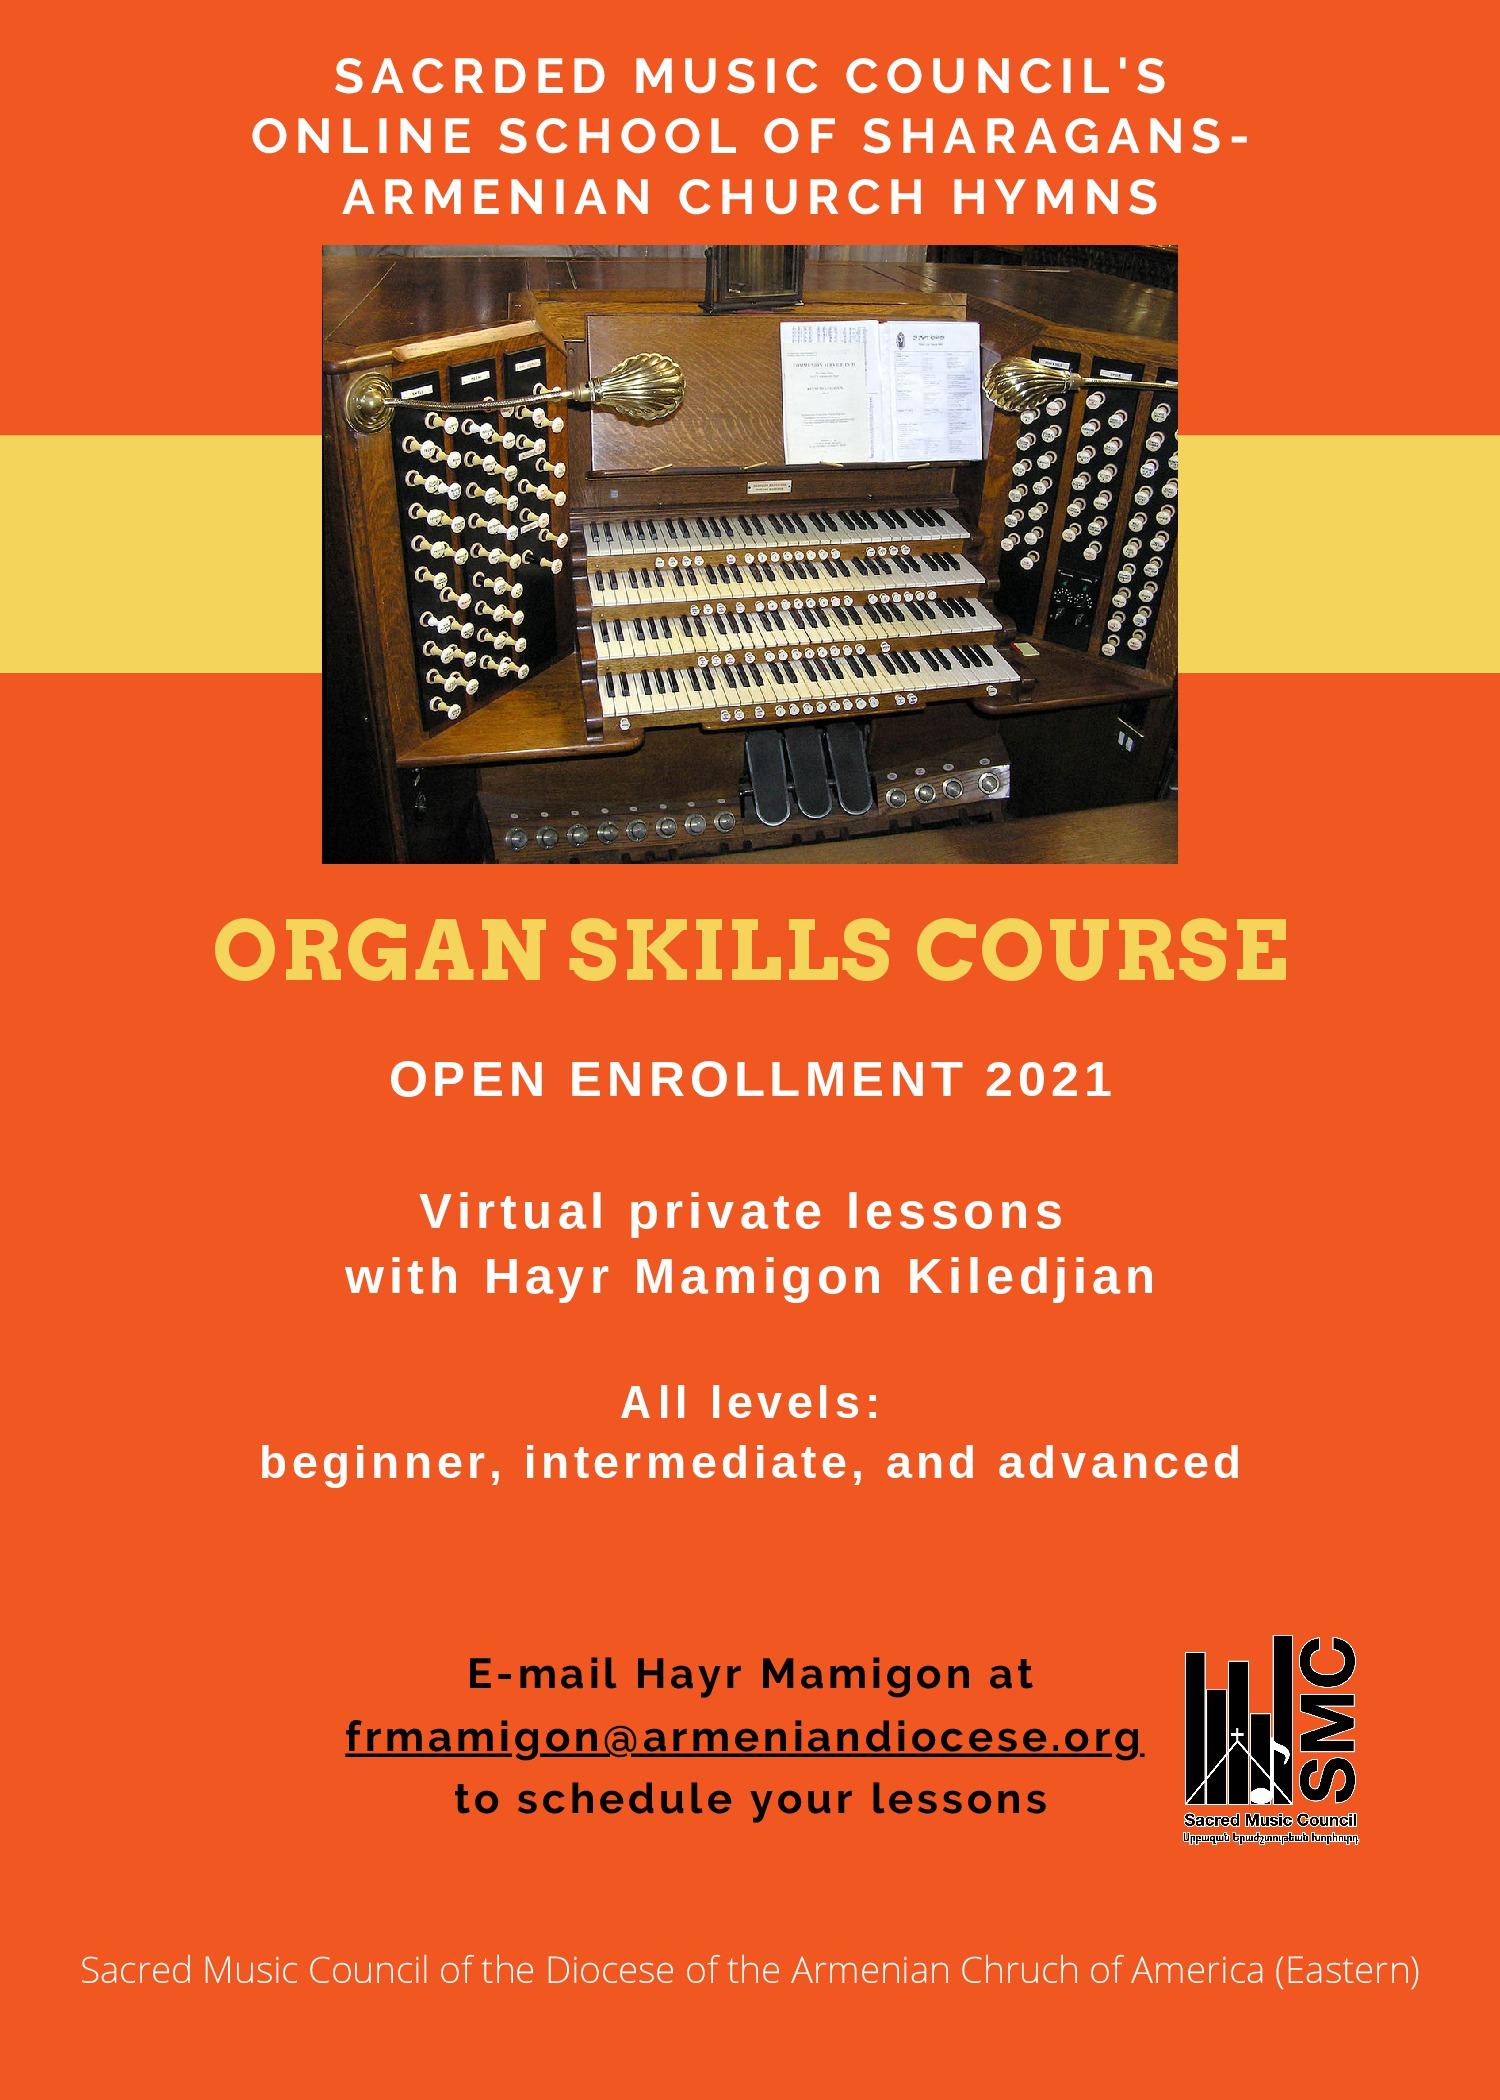 Organ skills